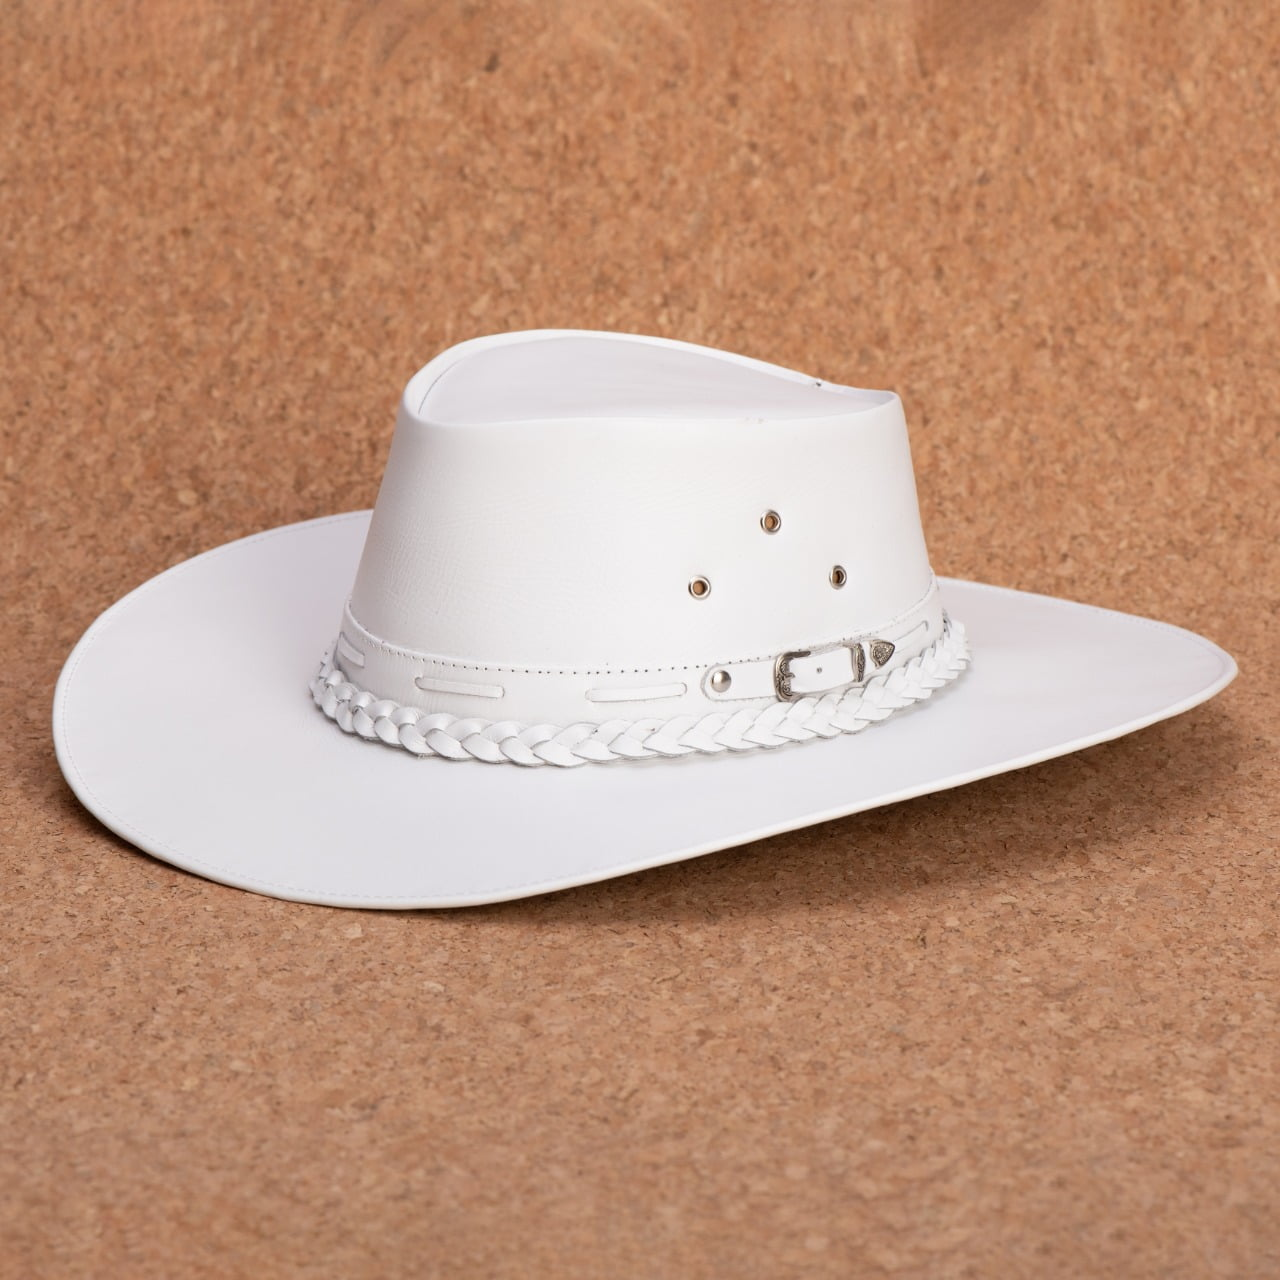 kit 3 chapéus aba curta, aba larga e rock